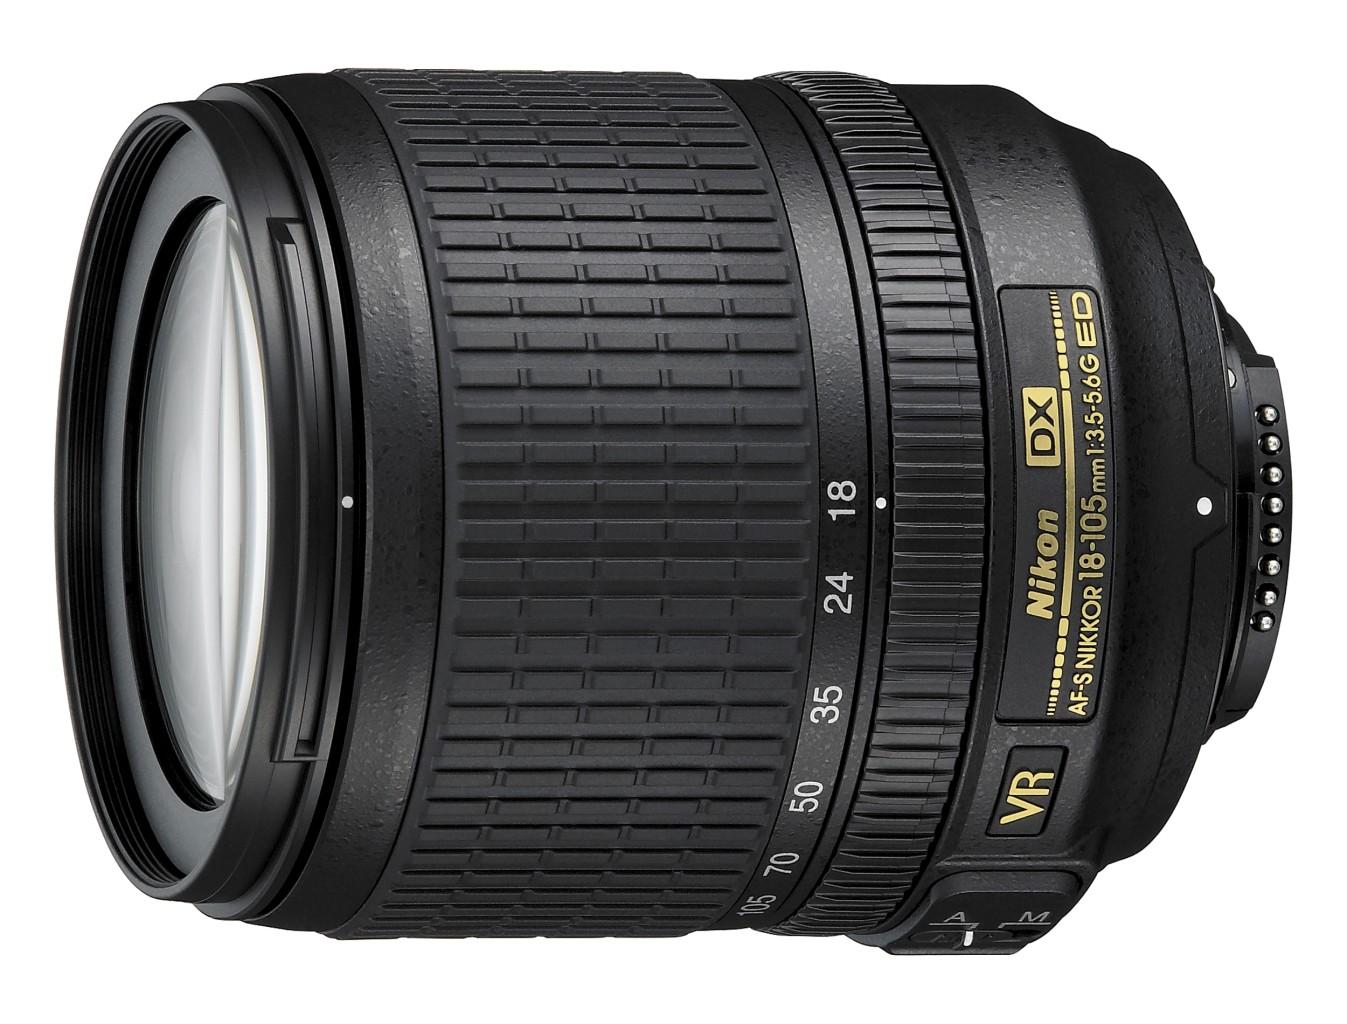 Flexibel und schnell einsetzbar - Das 18-105mm Zoomobjektiv. Quelle: Nikonbilddatenbank